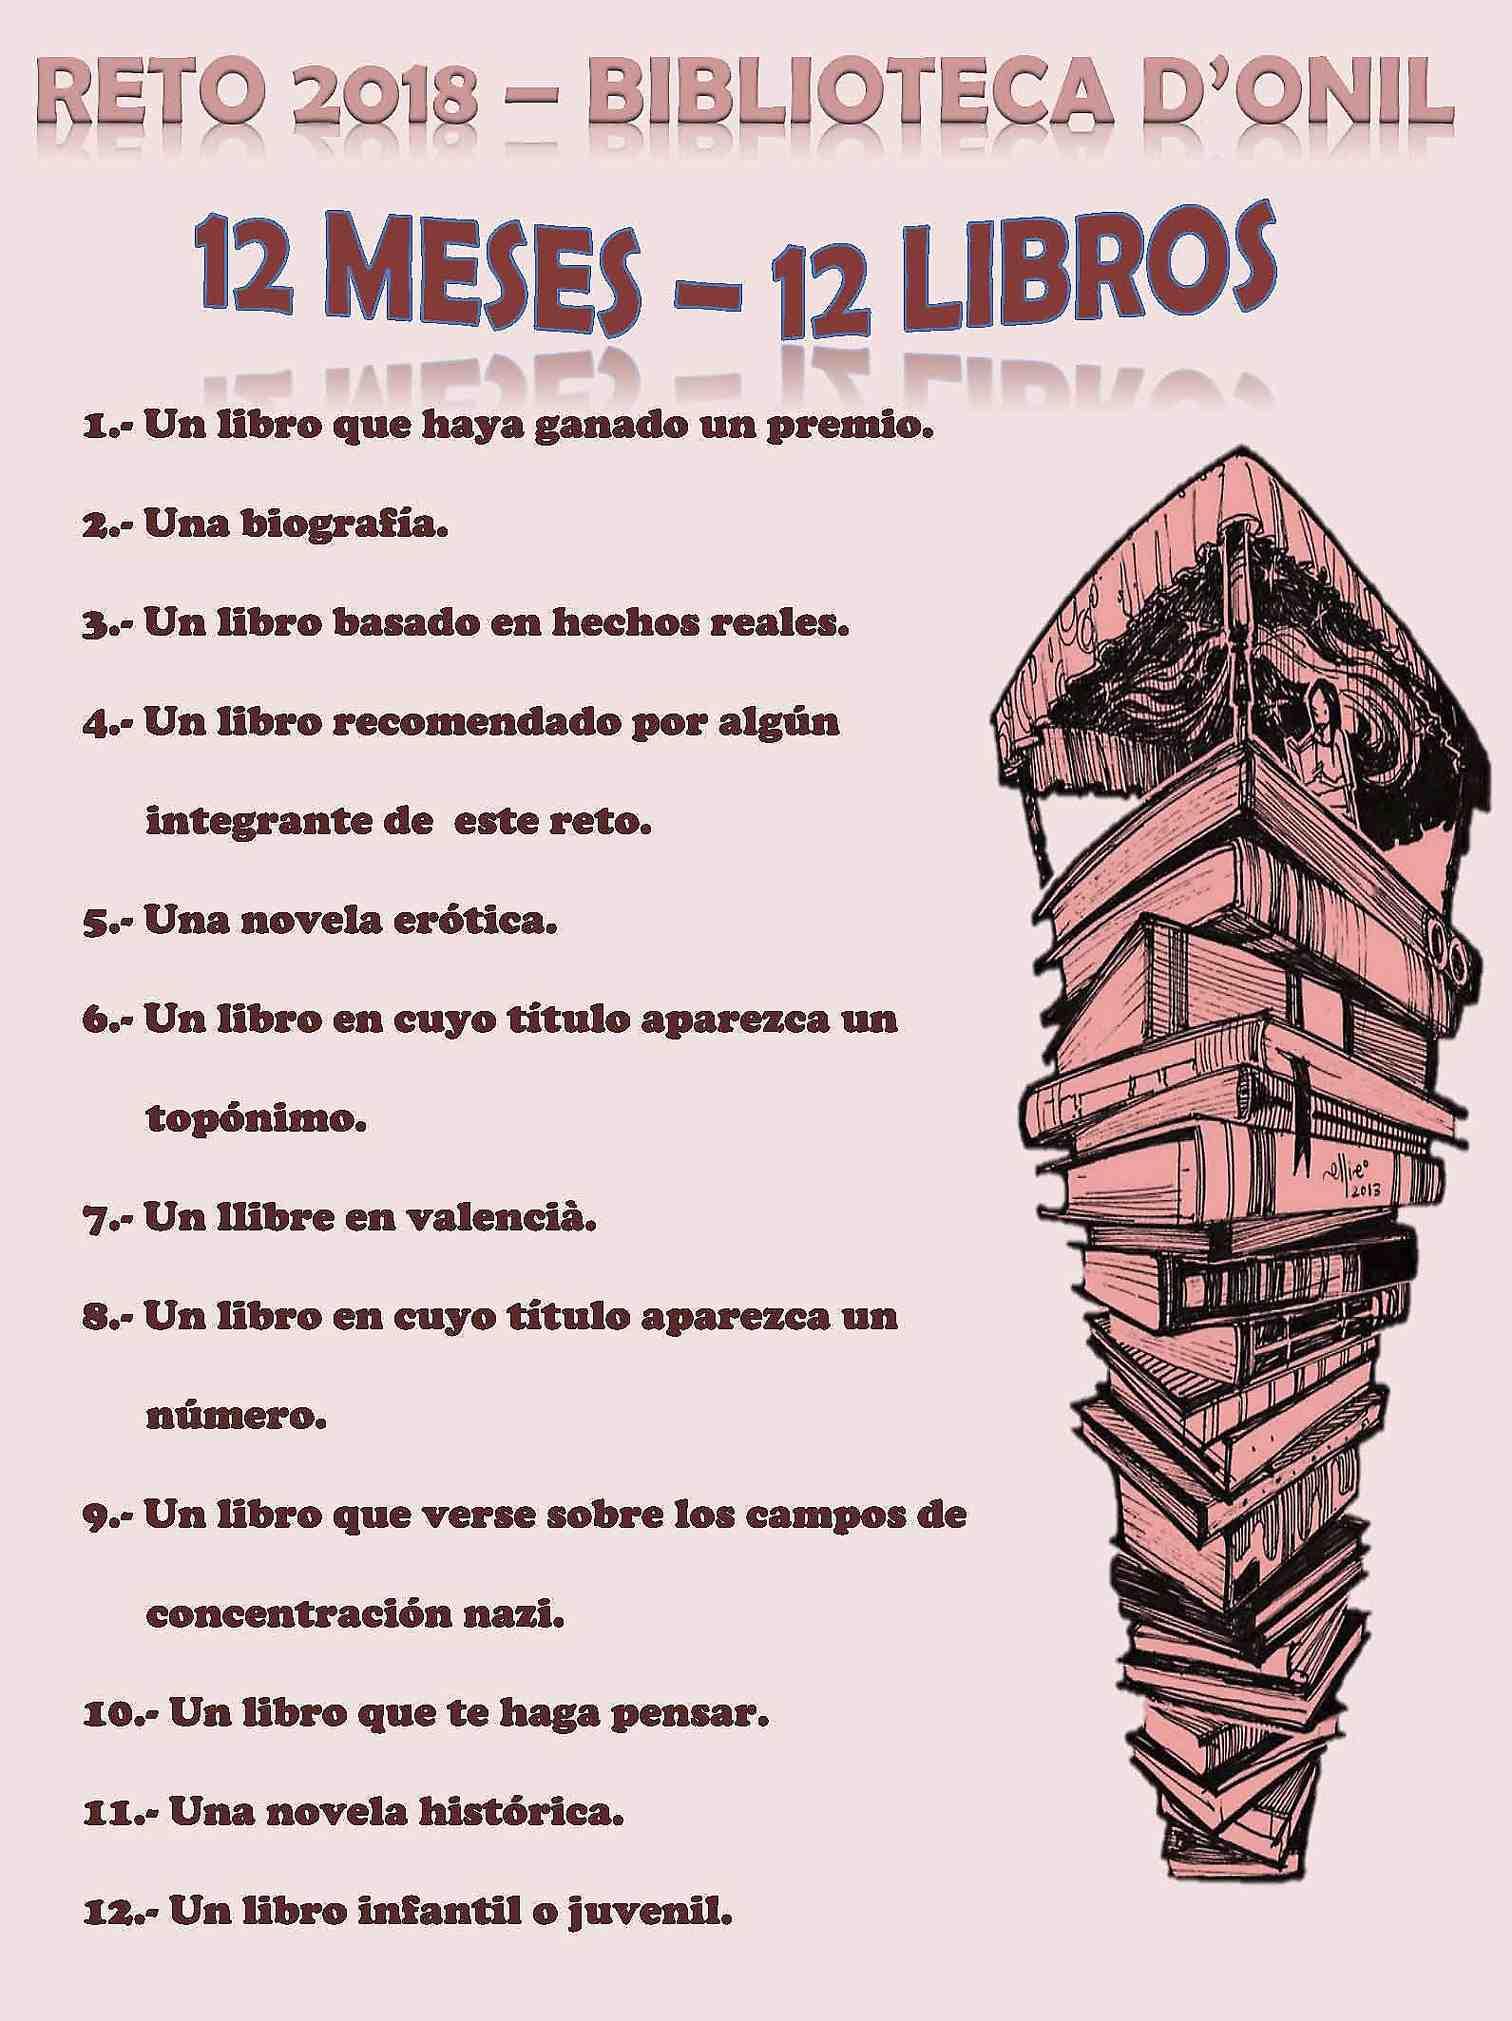 La Biblioteca Pública de Onil pone en marcha el reto para adultos '12 meses, 12 libros'